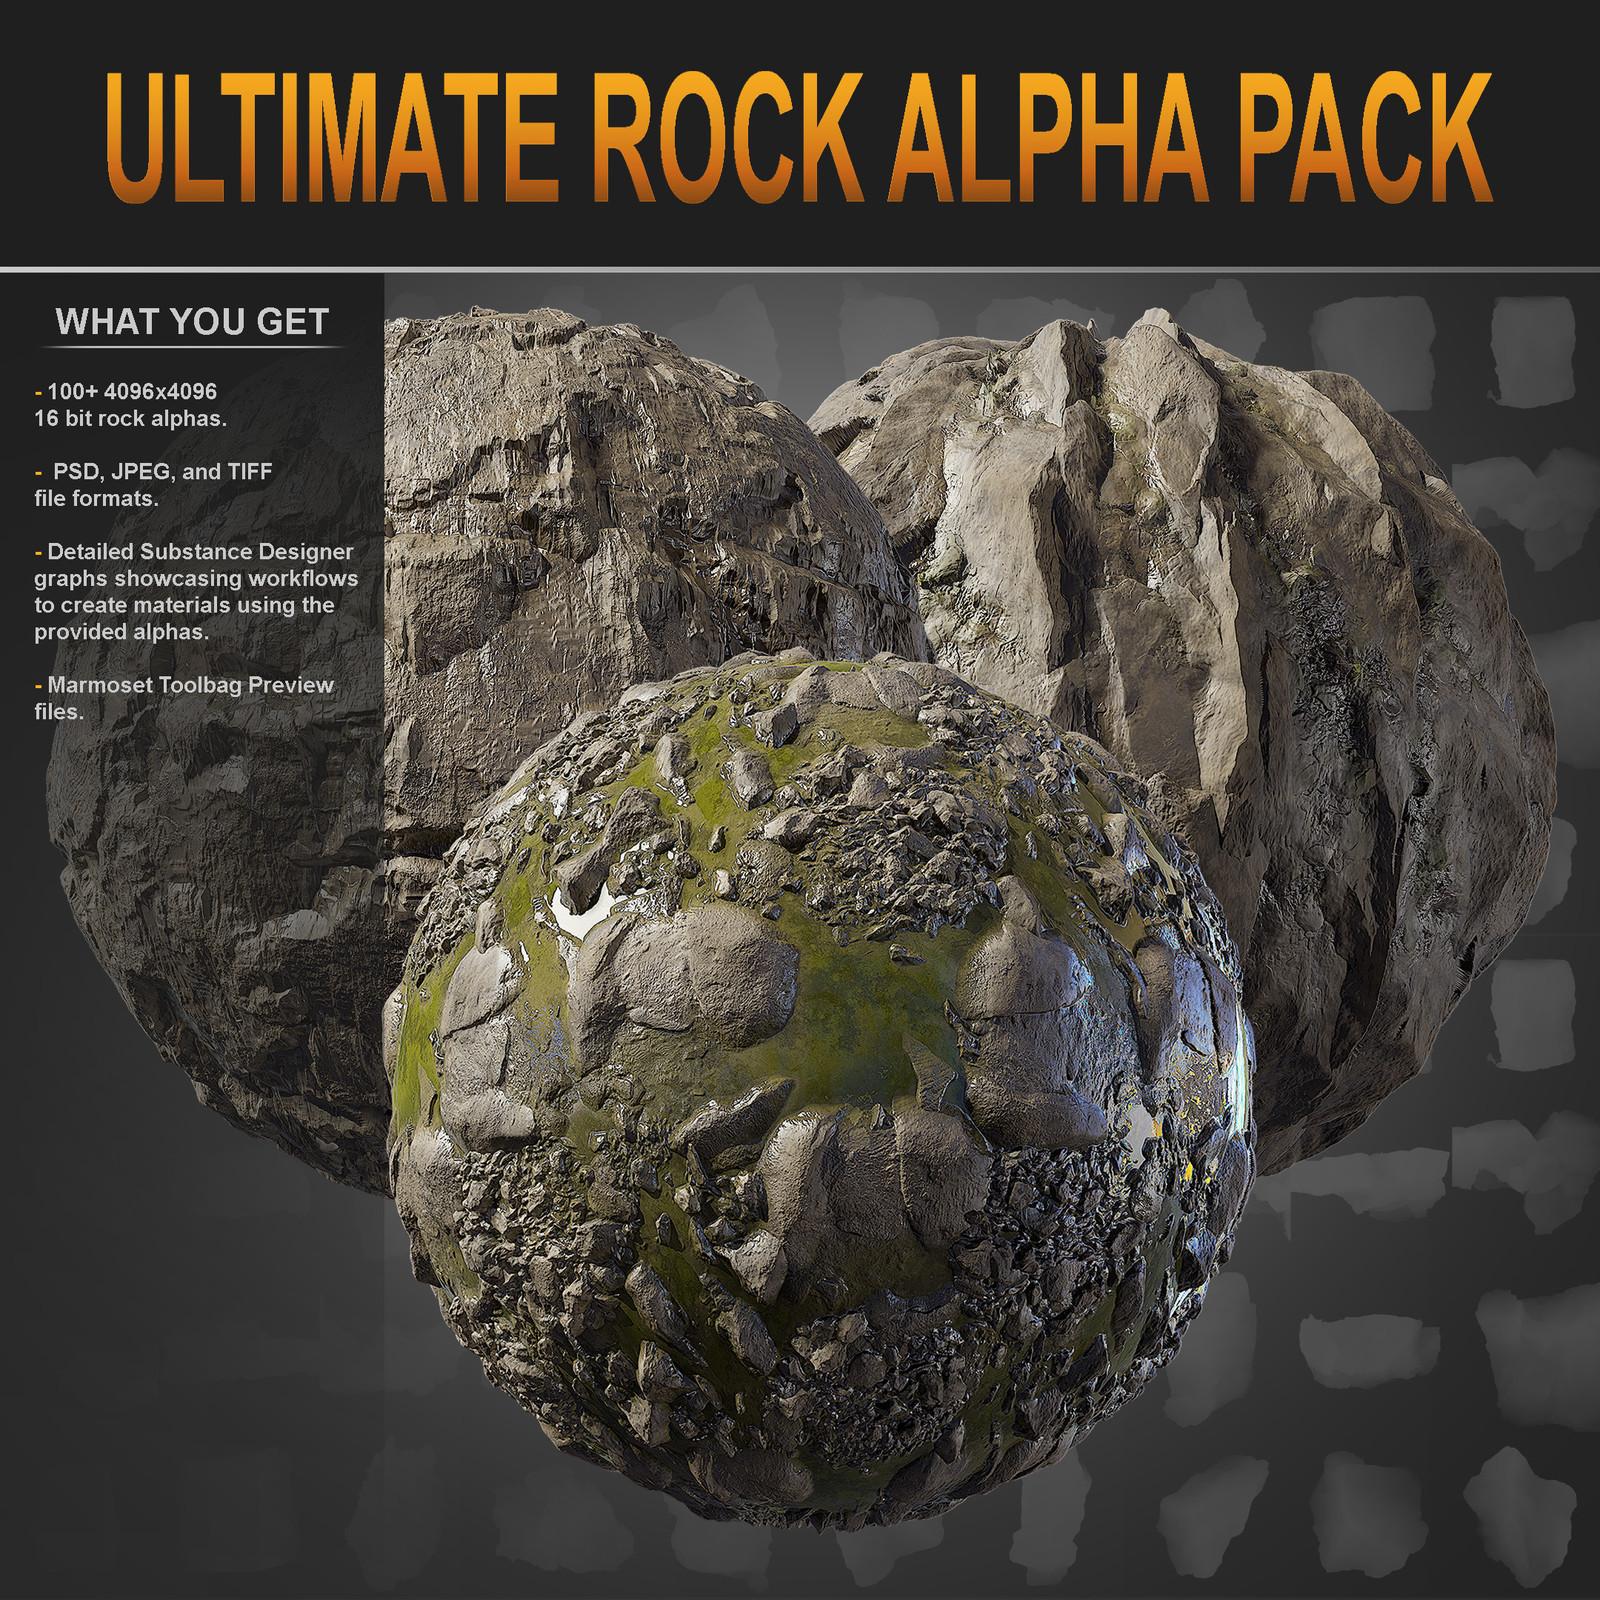 Ultimate Rock Alpha Pack